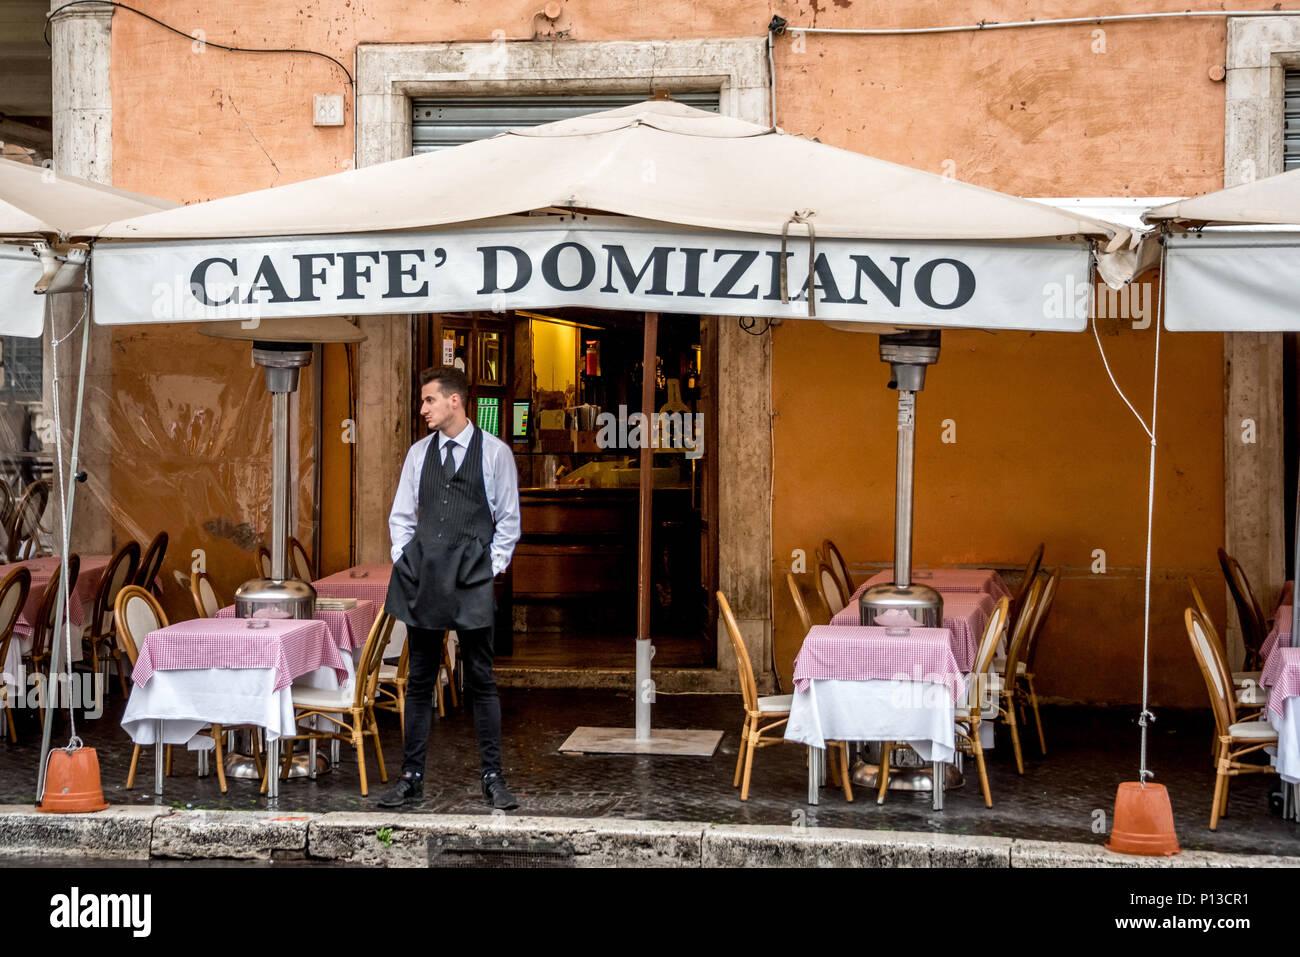 Cameriere italiano sta al di fuori di Caffe Domiziano su Piazza Navona in attesa per i clienti in un giorno di pioggia, tabelle vuote, pasti all'aperto, ristorante nome. Immagini Stock